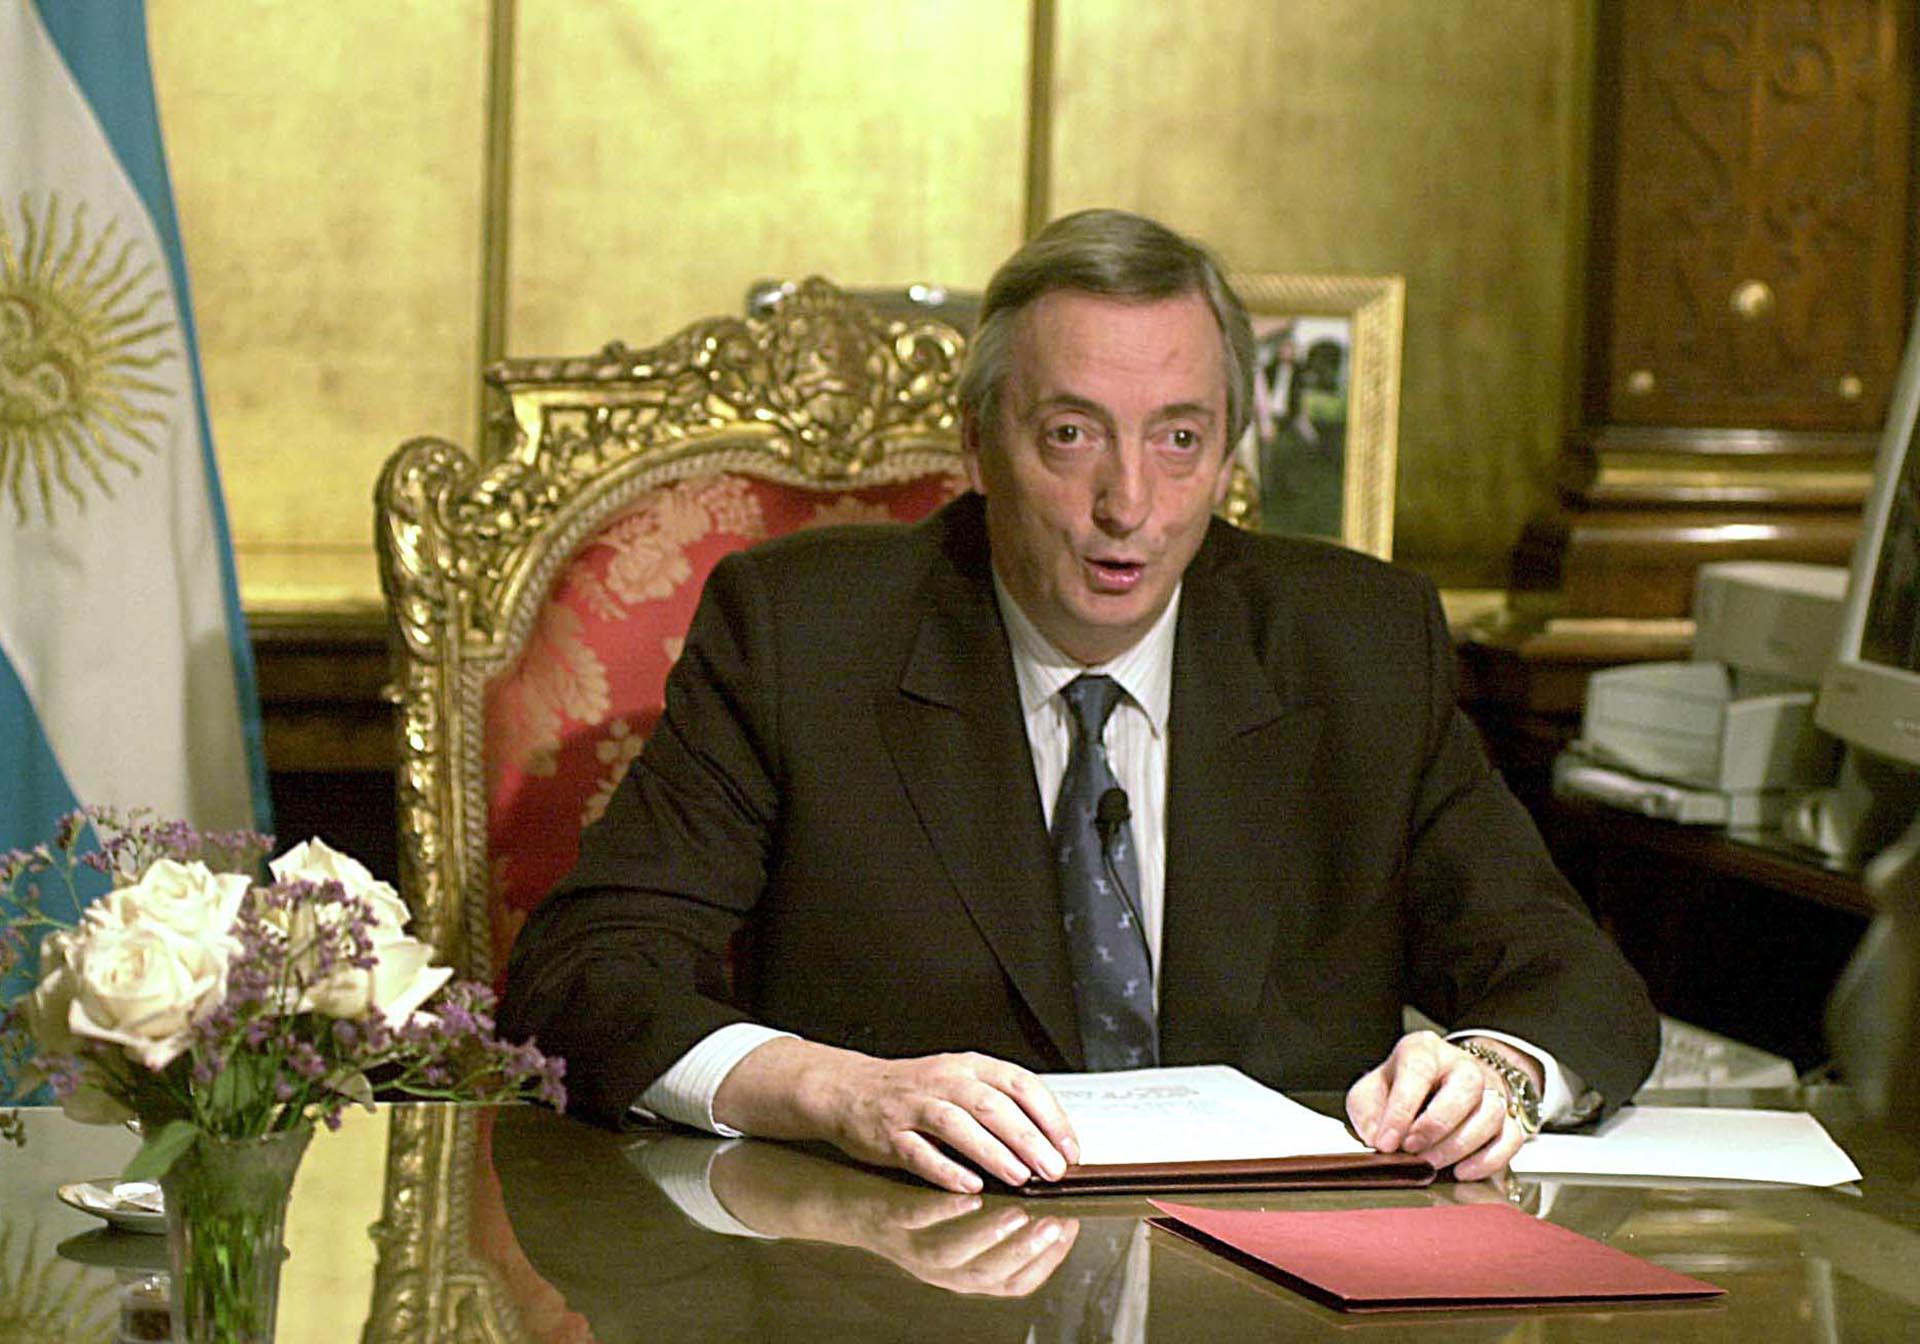 El presidente Néstor Kirchner habla por Cadena Nacional para referirse a la Corte Suprema de Justicia.